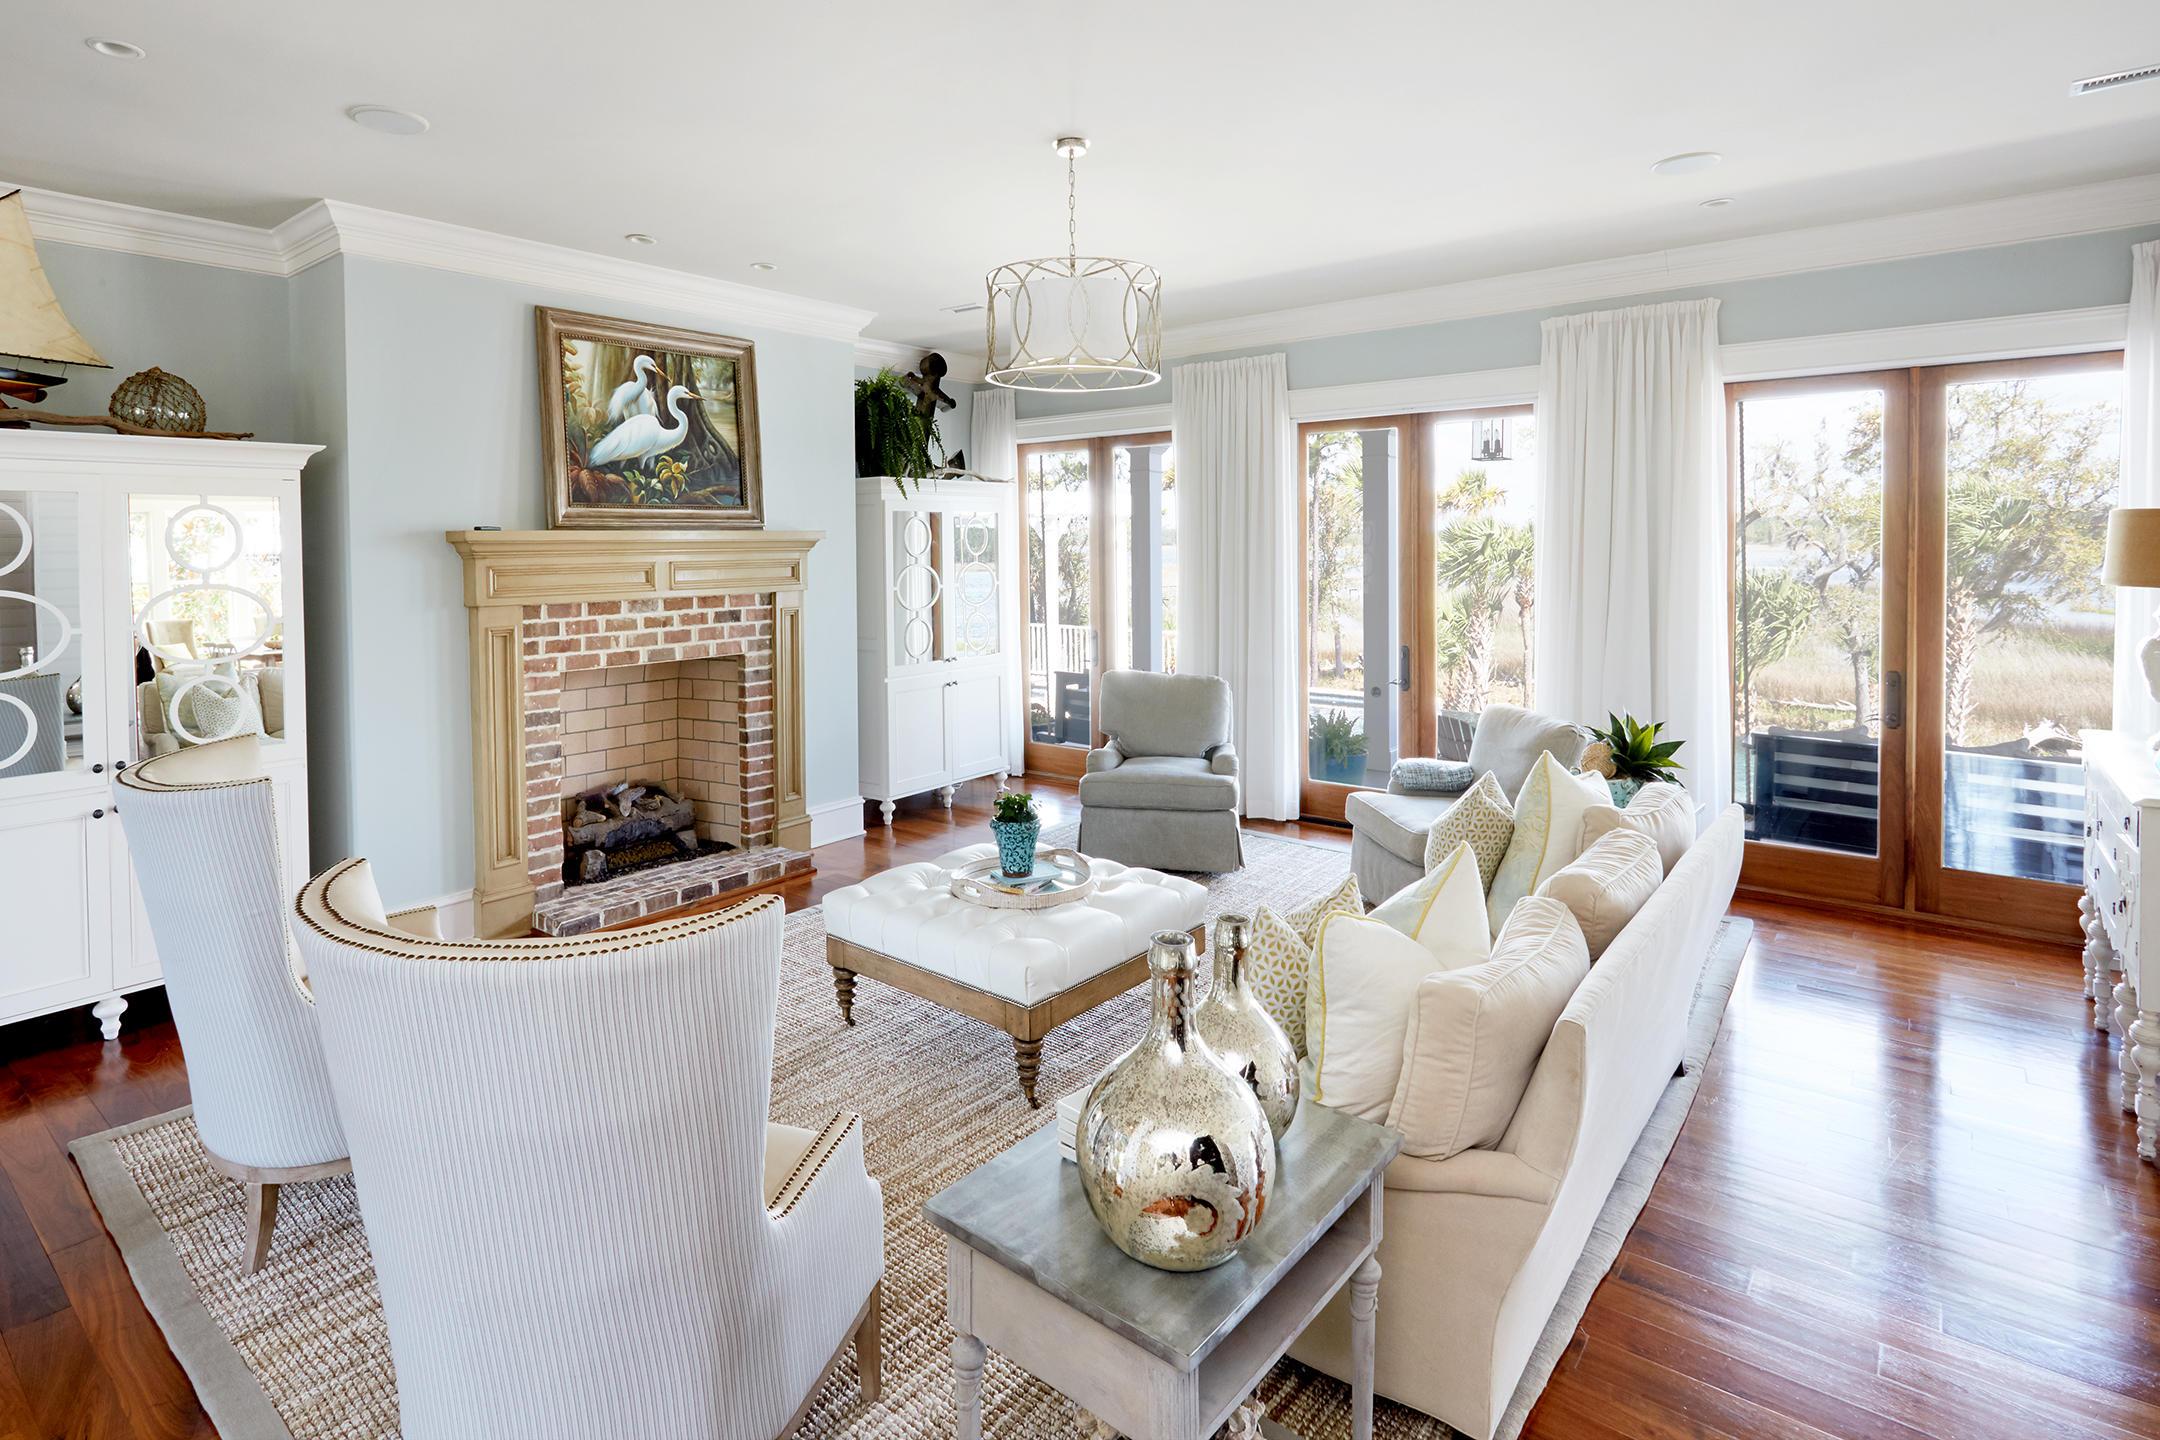 Park West Homes For Sale - 3885 Ashton Shore, Mount Pleasant, SC - 35